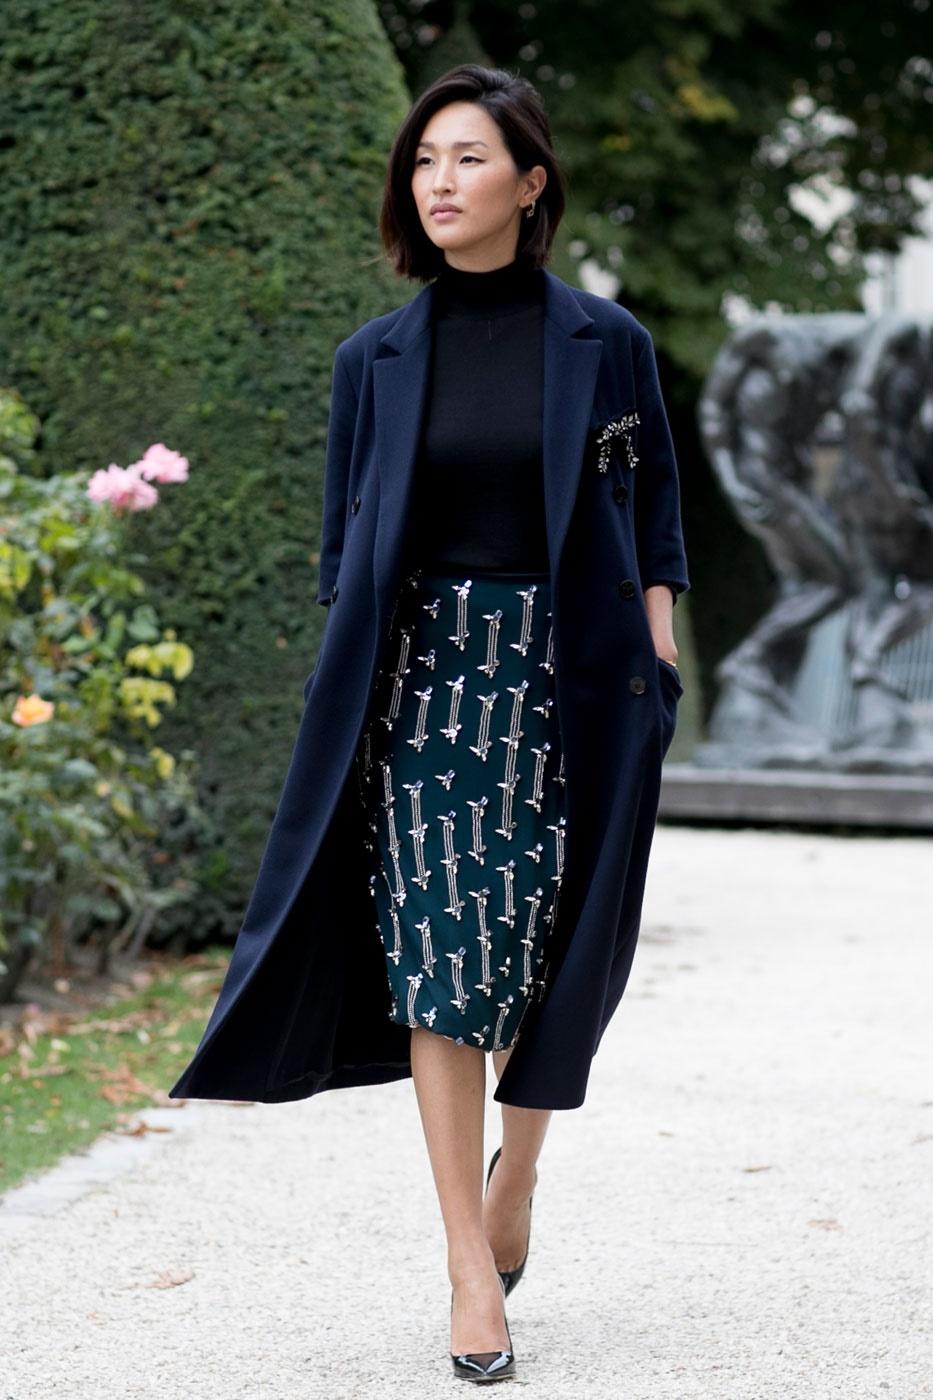 Женственная миди: 10 обворожительных образов модницам на заметку